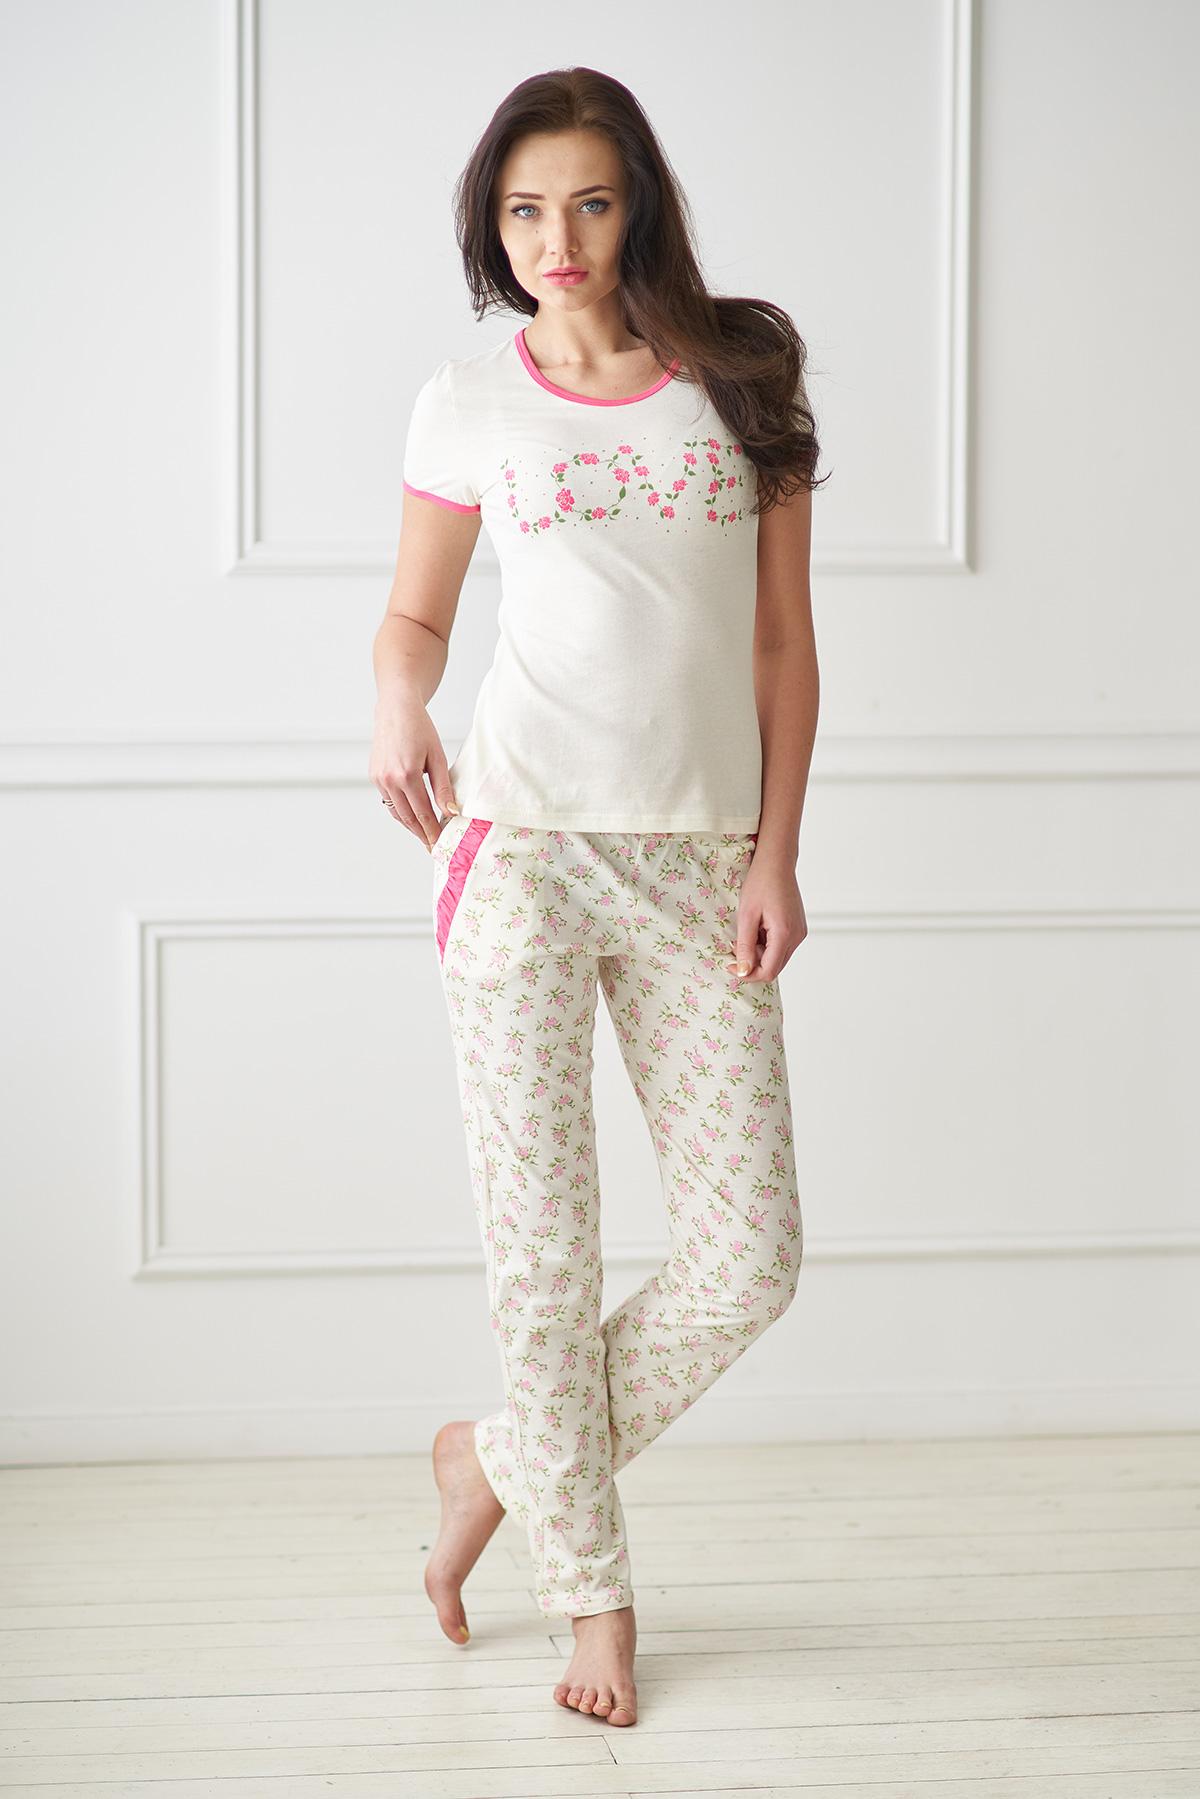 Жен. пижама арт. 19-0084 Кремовый р. 52 - Женская одежда артикул: 34565